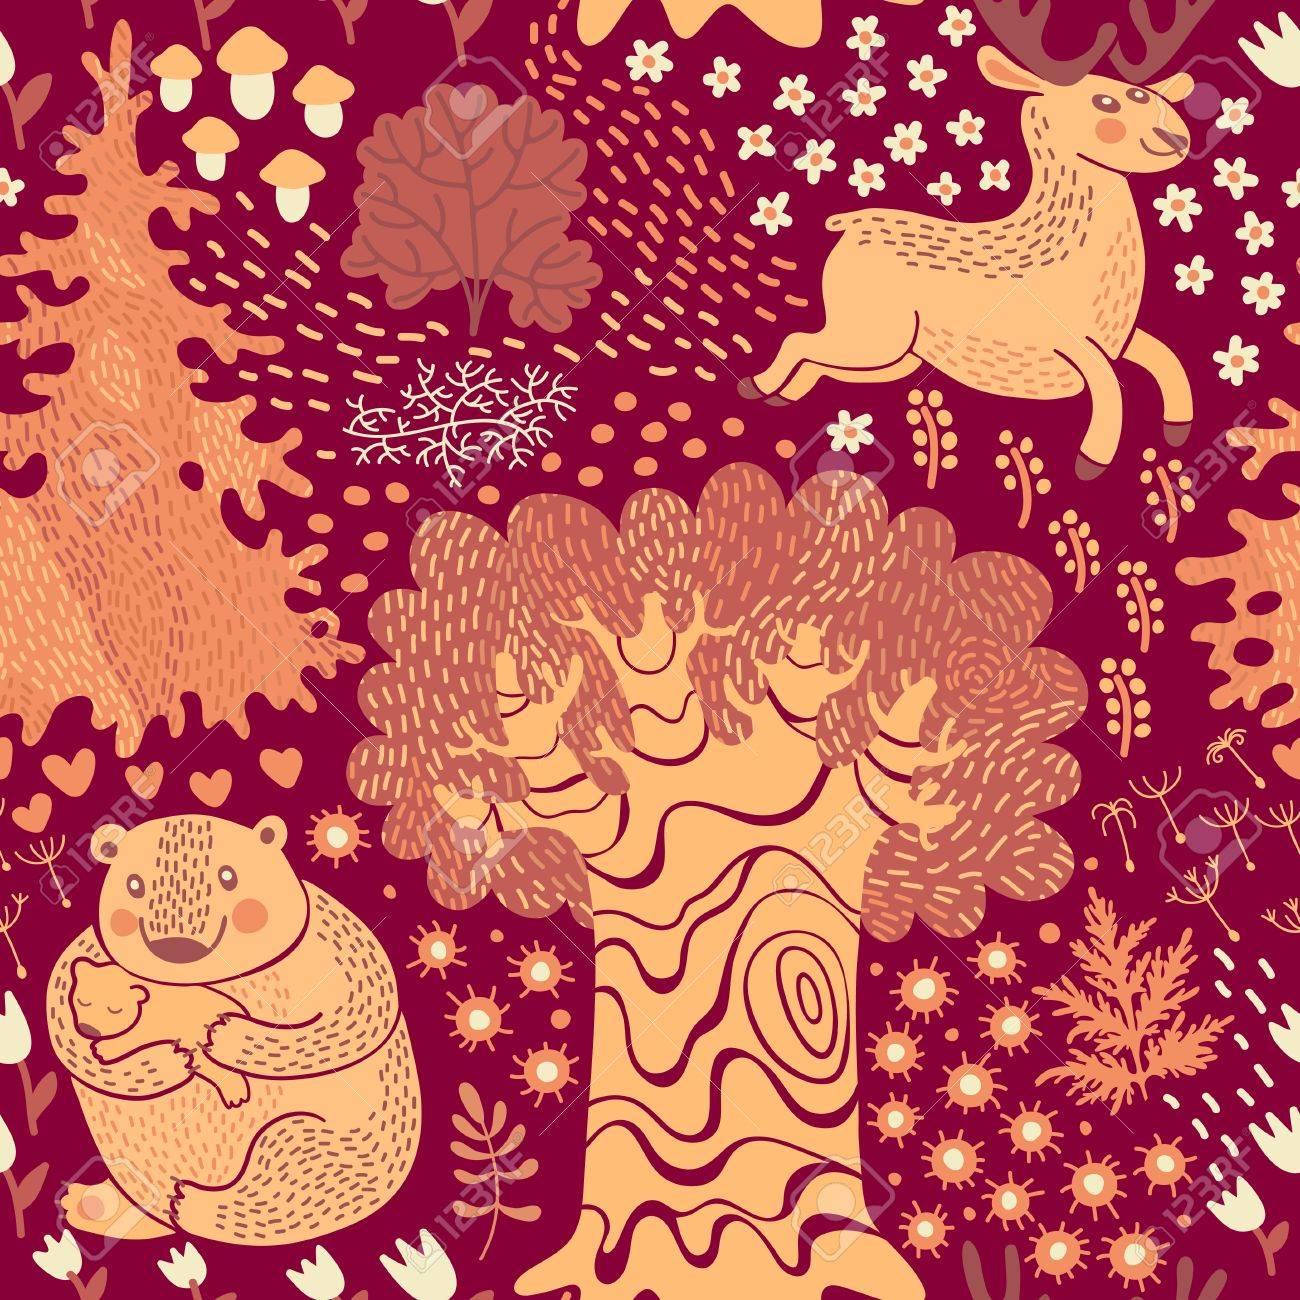 鹿森の中でクマとのシームレスなパターン子供の部屋のデザイン 壁紙